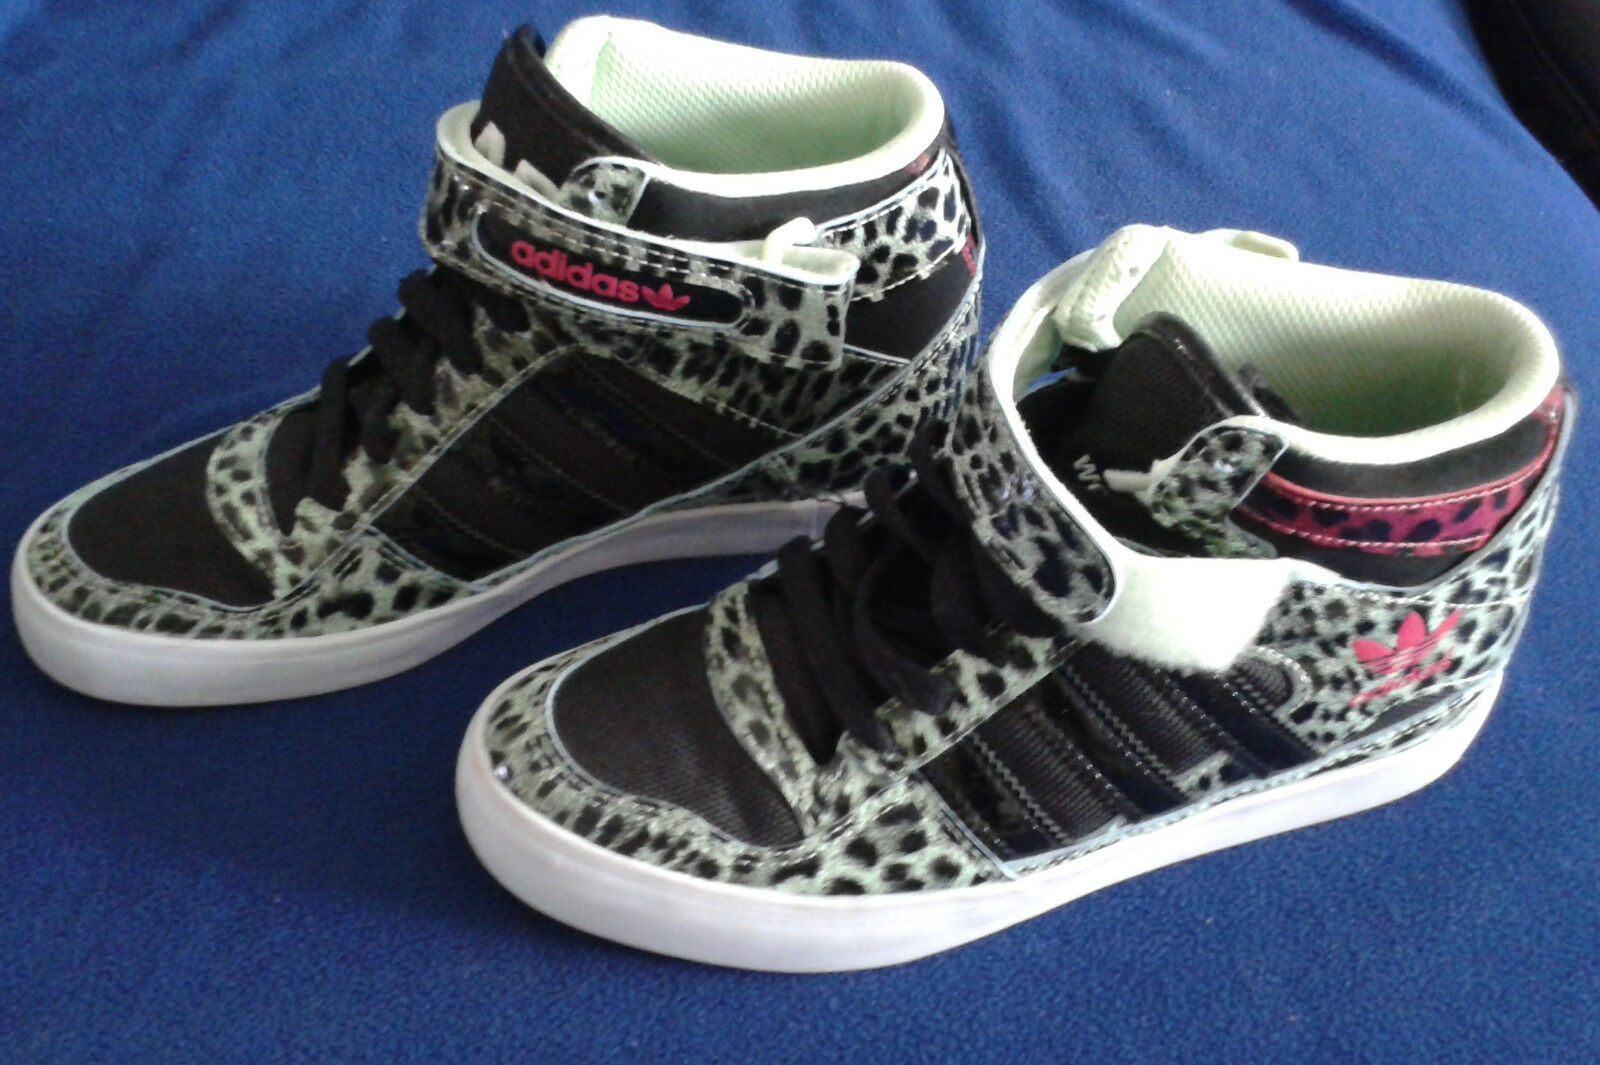 Adidas Sneaker schwarz weiß schwarz UK Weiß EUR 36 2/3 UK schwarz 4 US 5 1/2 c79c3c